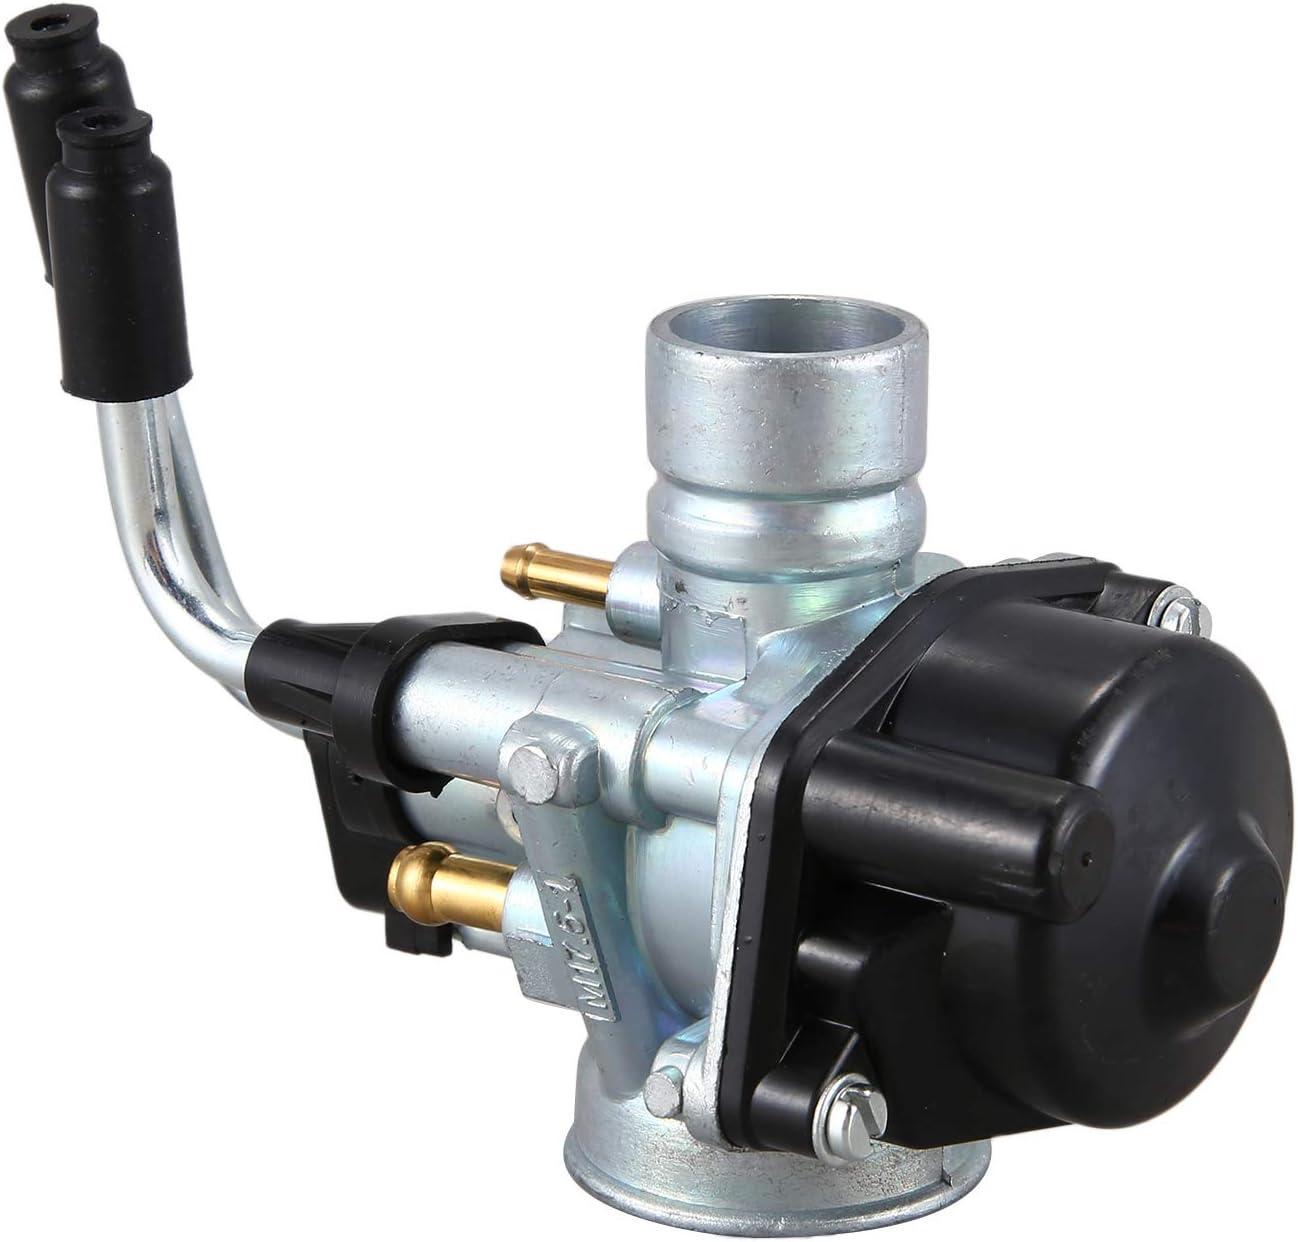 Minarelli PHBN-17.5Mm Estilo 2 Carburador de Carrera Tamkyo para PHVA17 17.5 Dellorto 17Mm Carburador de Repuesto para Aerox 50